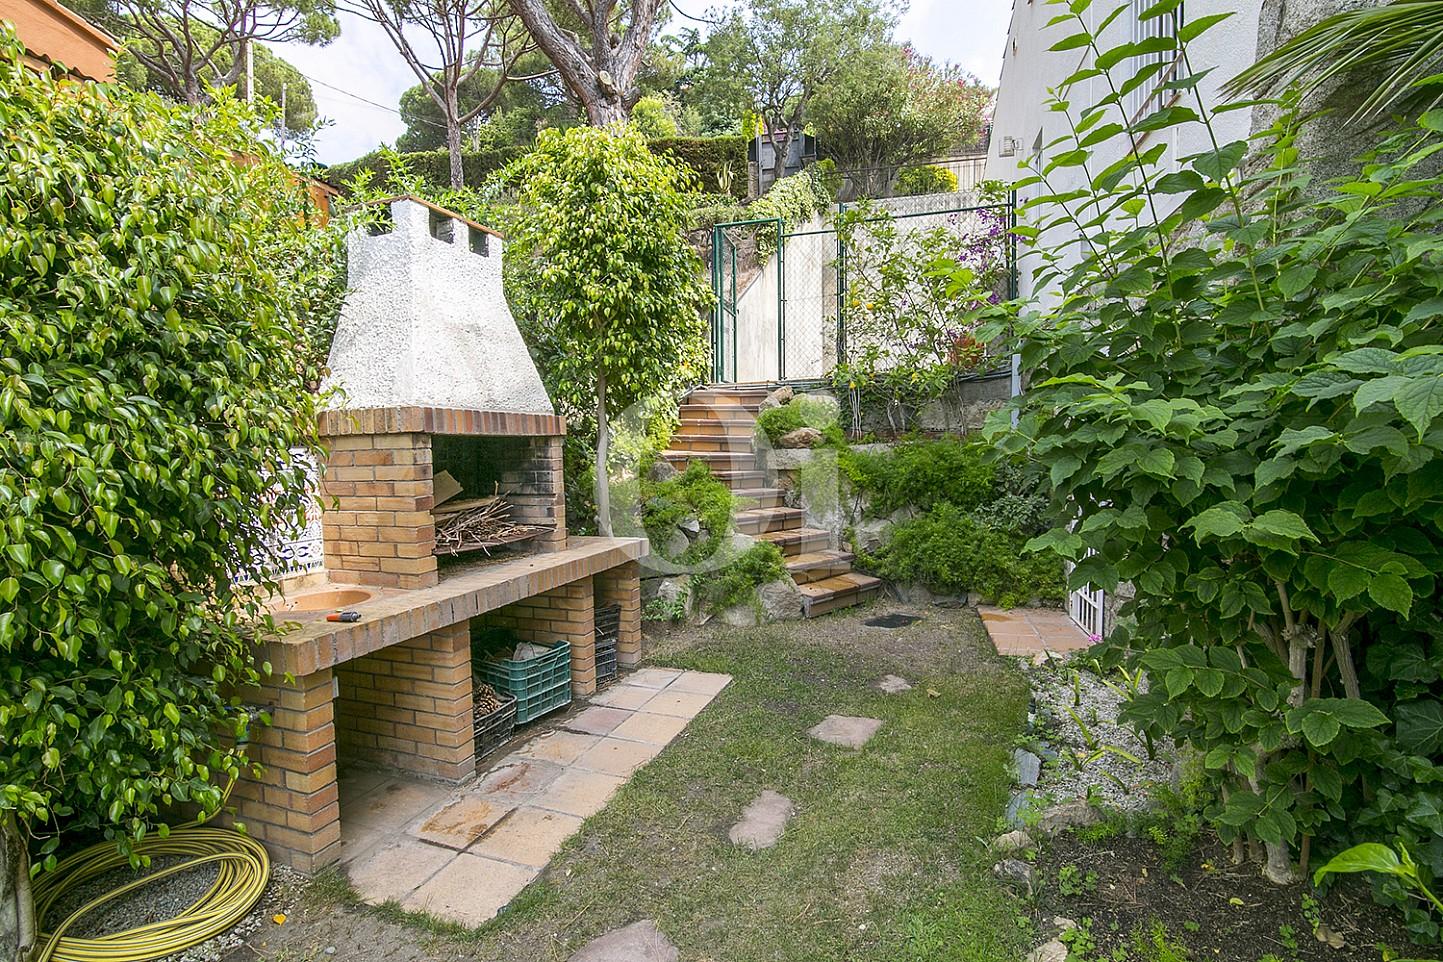 Espectacular patio trasero con jardín y barbacoa en sensacional casa en venta ubicada en Cabrils